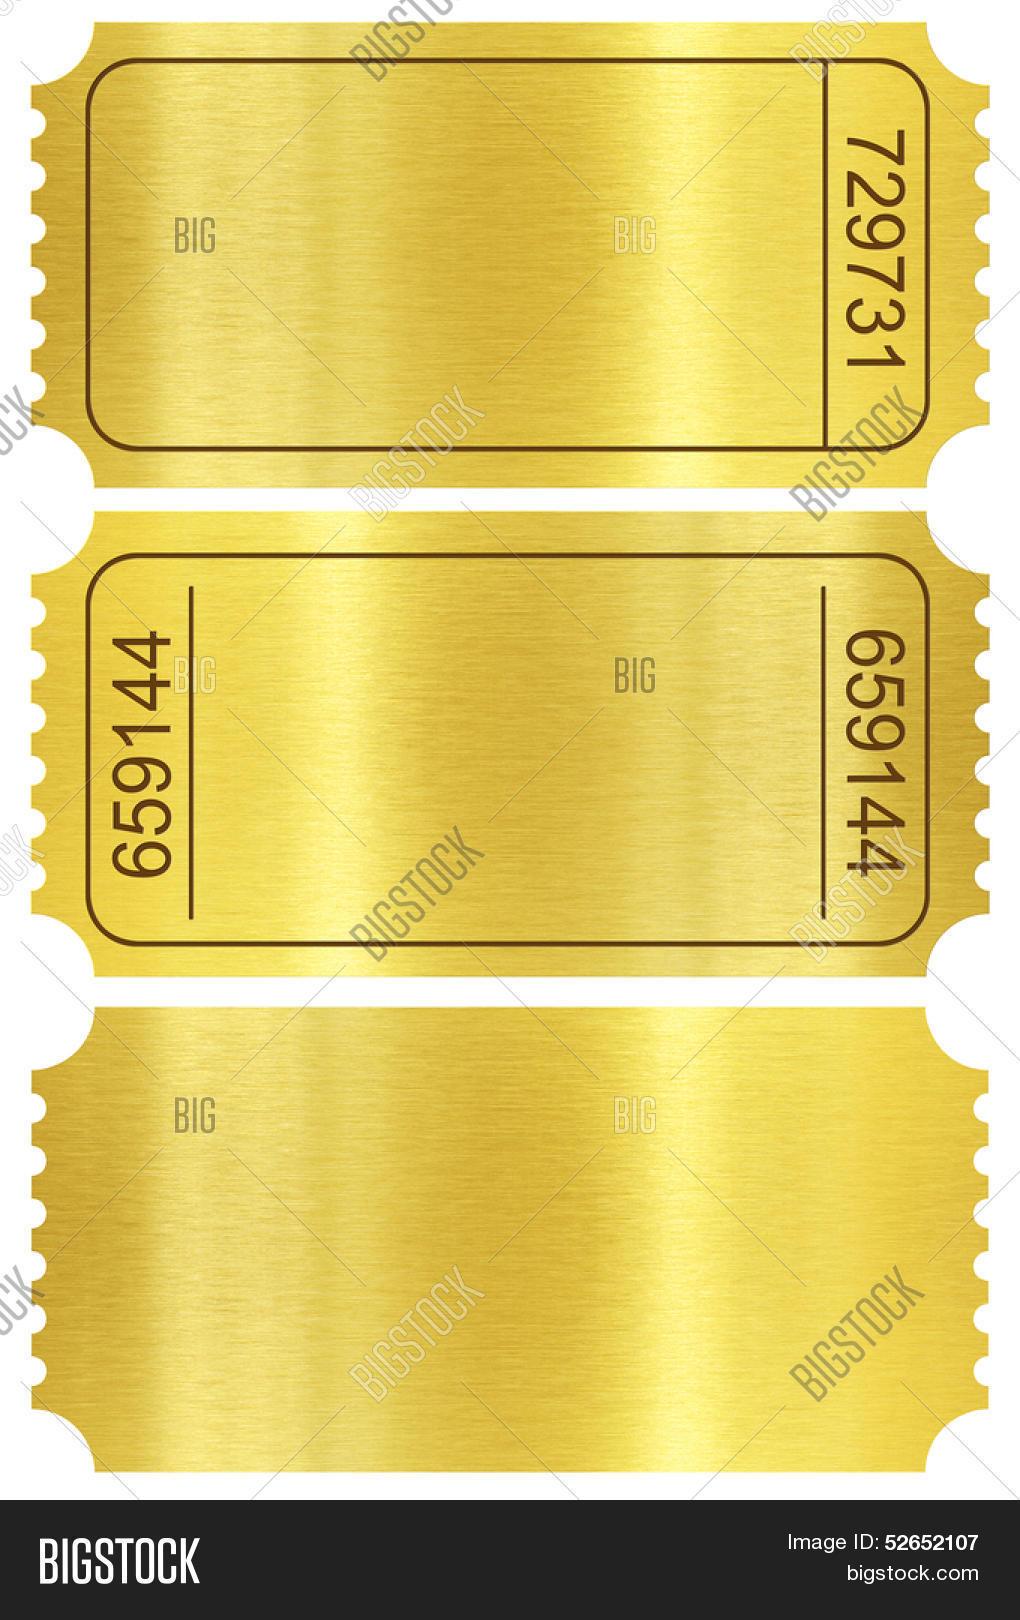 ticket set golden ticket stubs set image photo bigstock. Black Bedroom Furniture Sets. Home Design Ideas